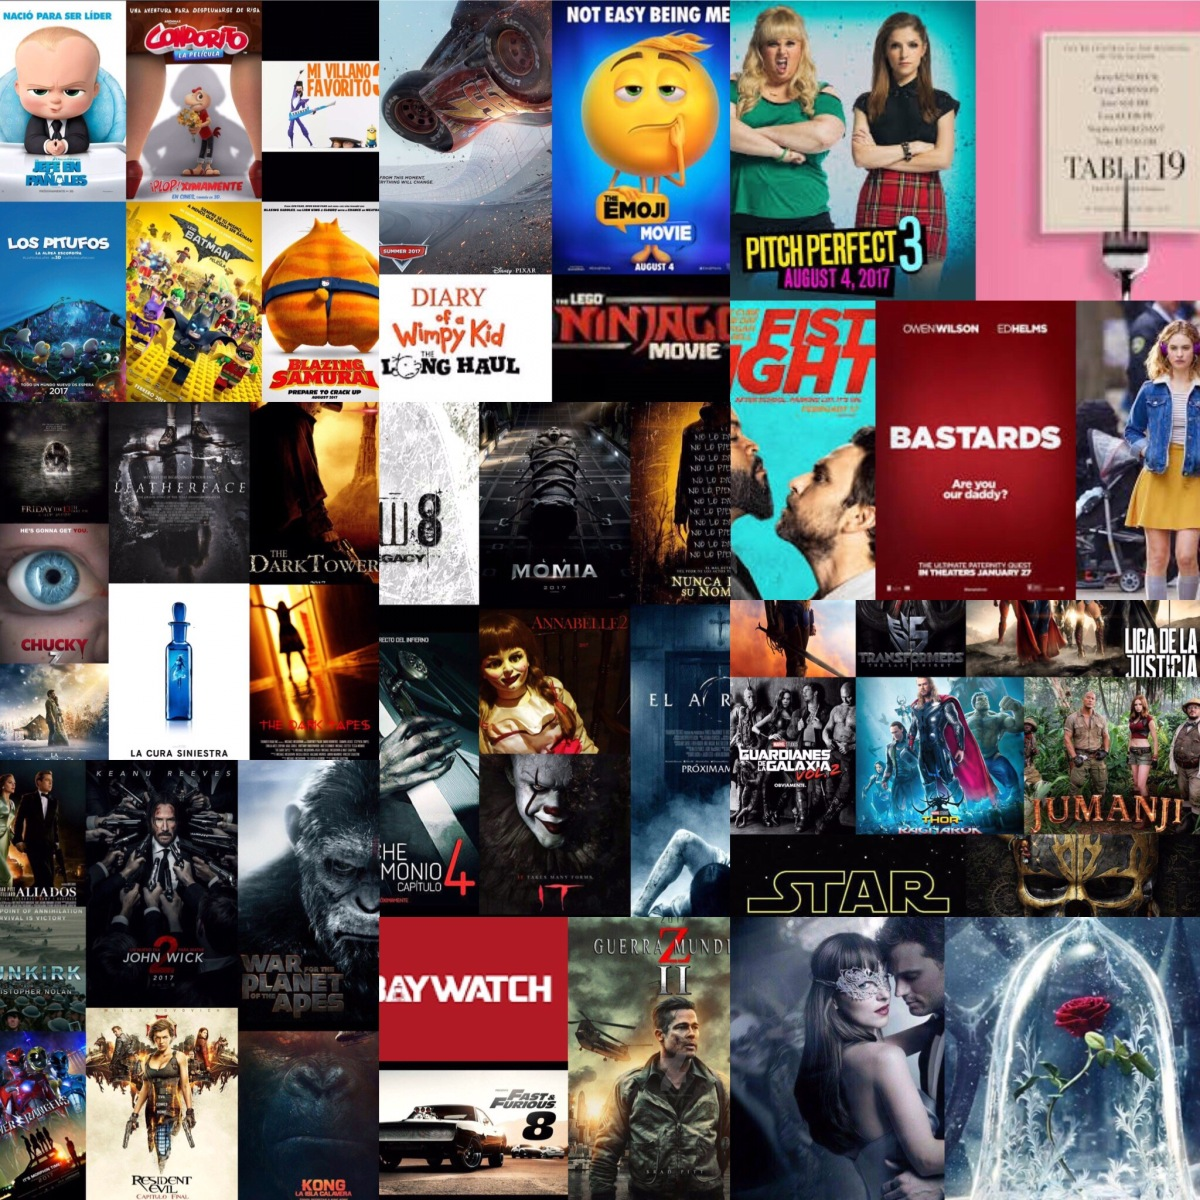 Las Películas Más Esperadas De Este 2017